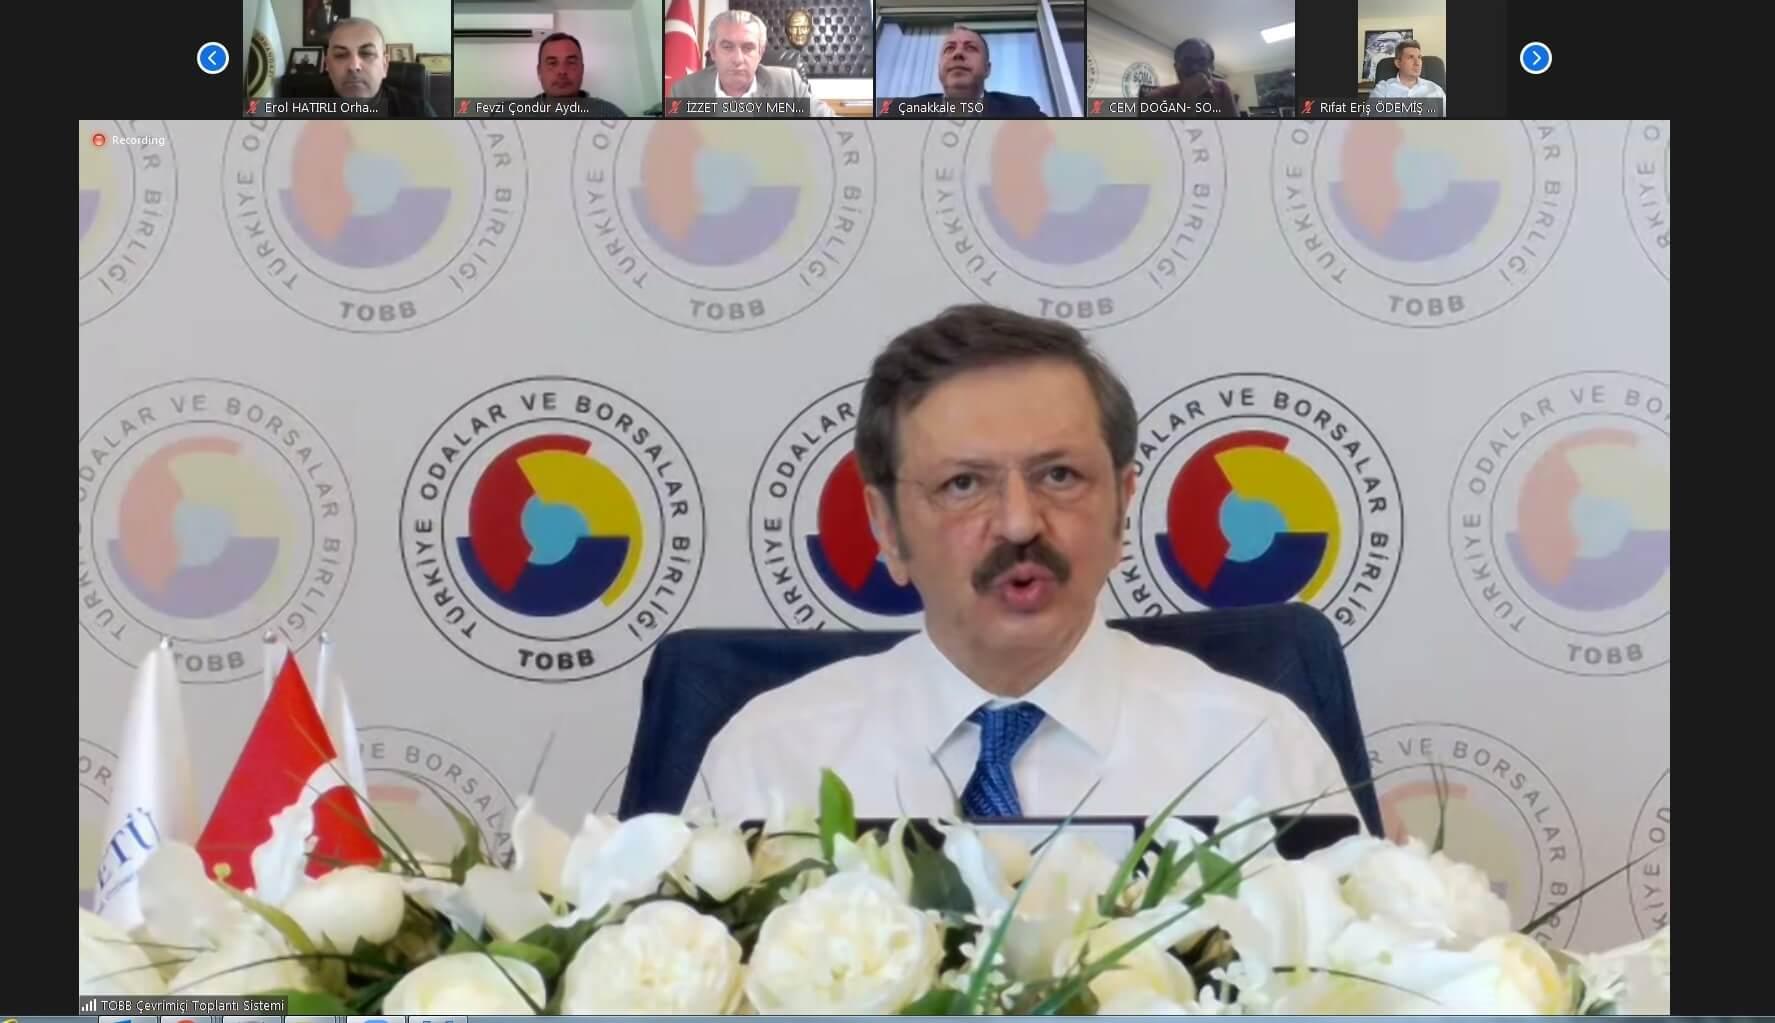 30.04.2021Aydın Ticaret Borsası Yönetim Kurulu Başkanı Fevzi Çondur,  TOBB Ege ve Marmara Bölge Toplantısı'na Katıldı